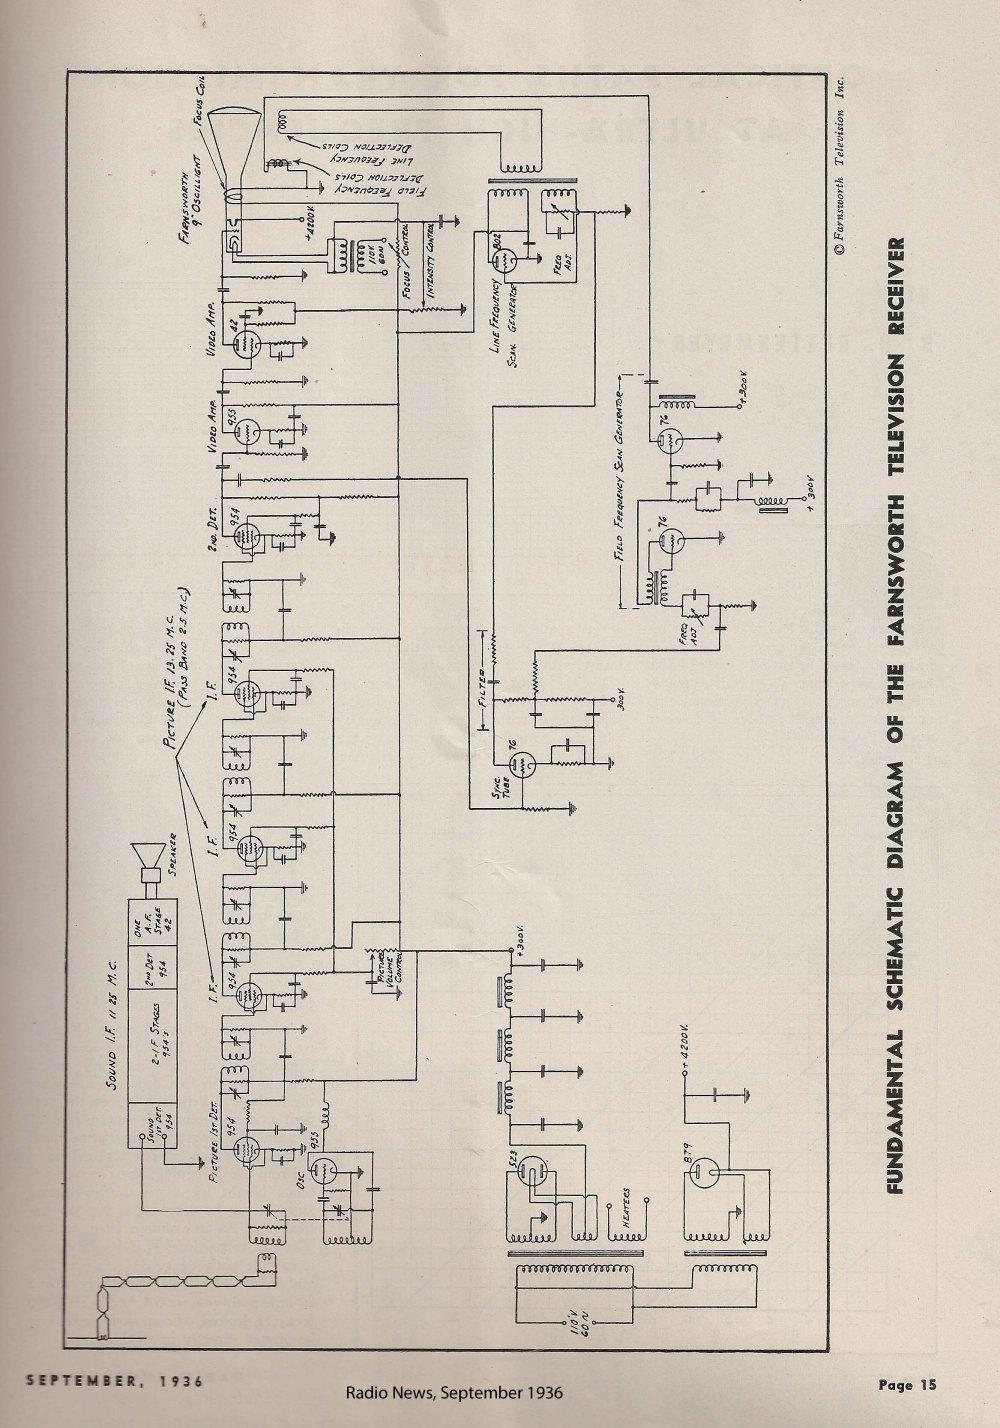 medium resolution of 1936 receiver schematic 35